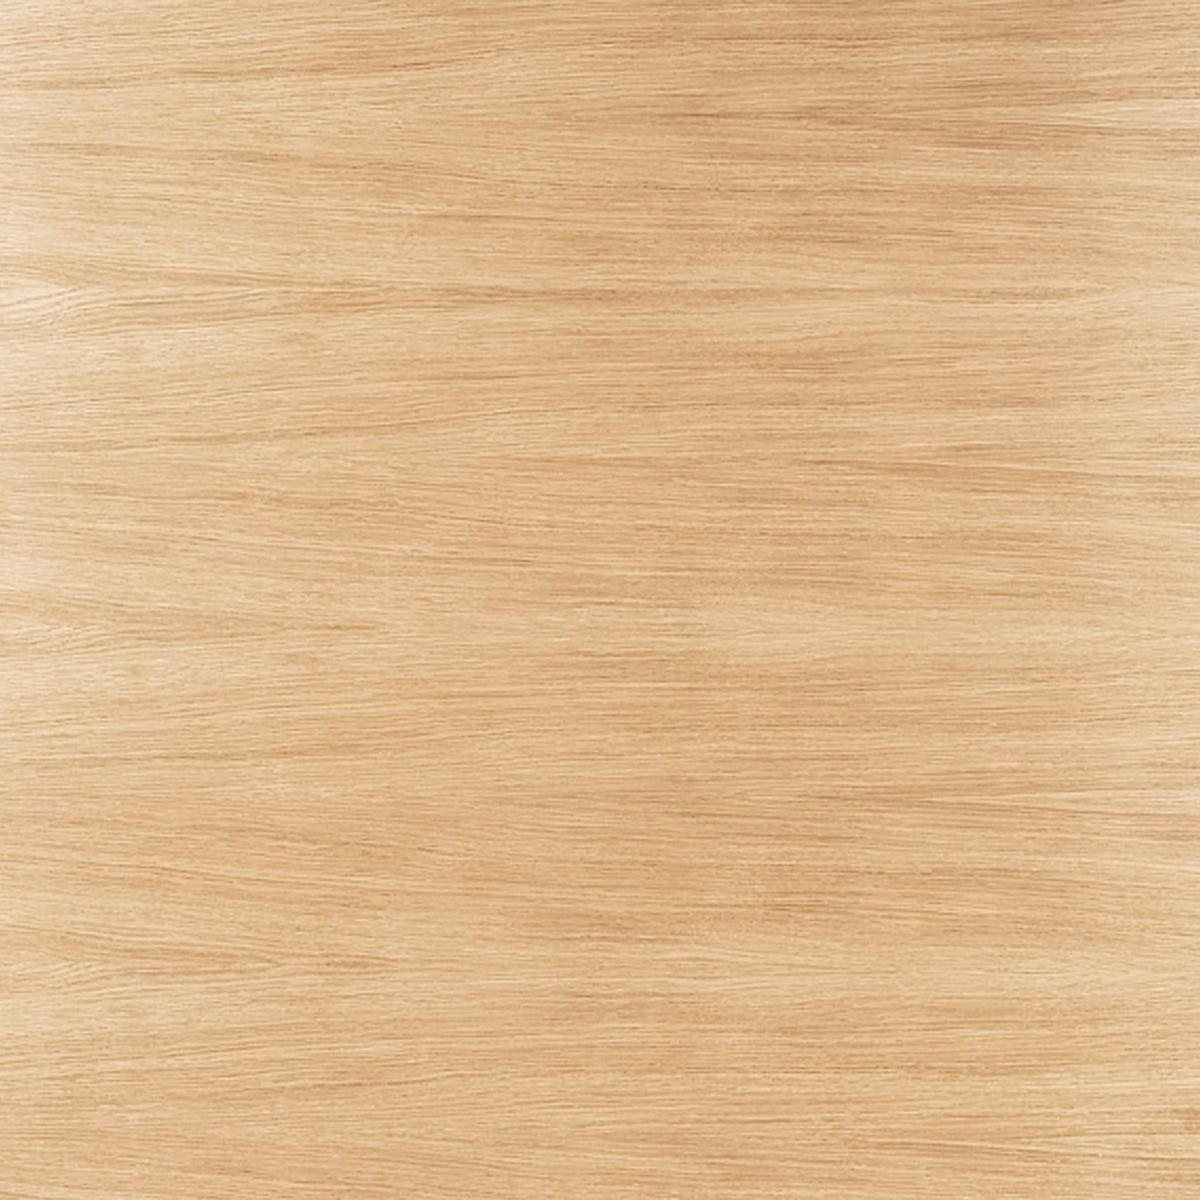 Esstisch Furnier 504166-1